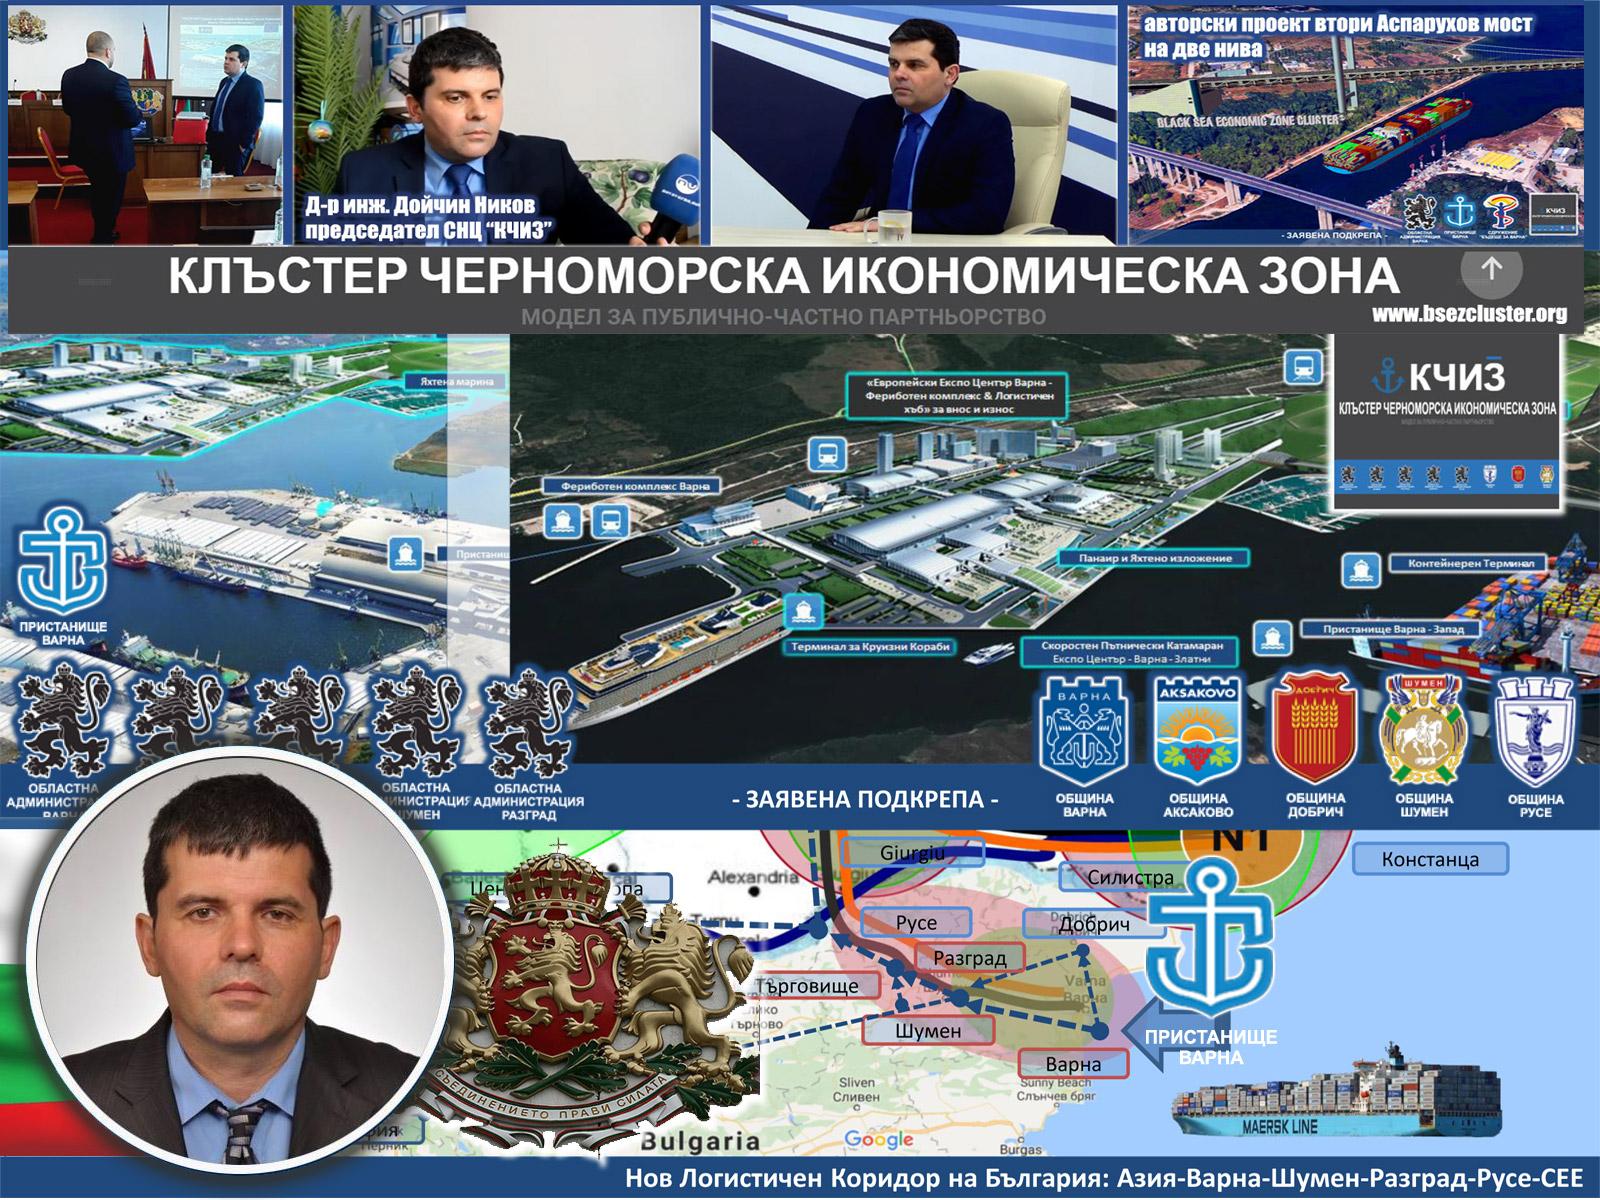 Клъстер Черноморска Икономическа Зон